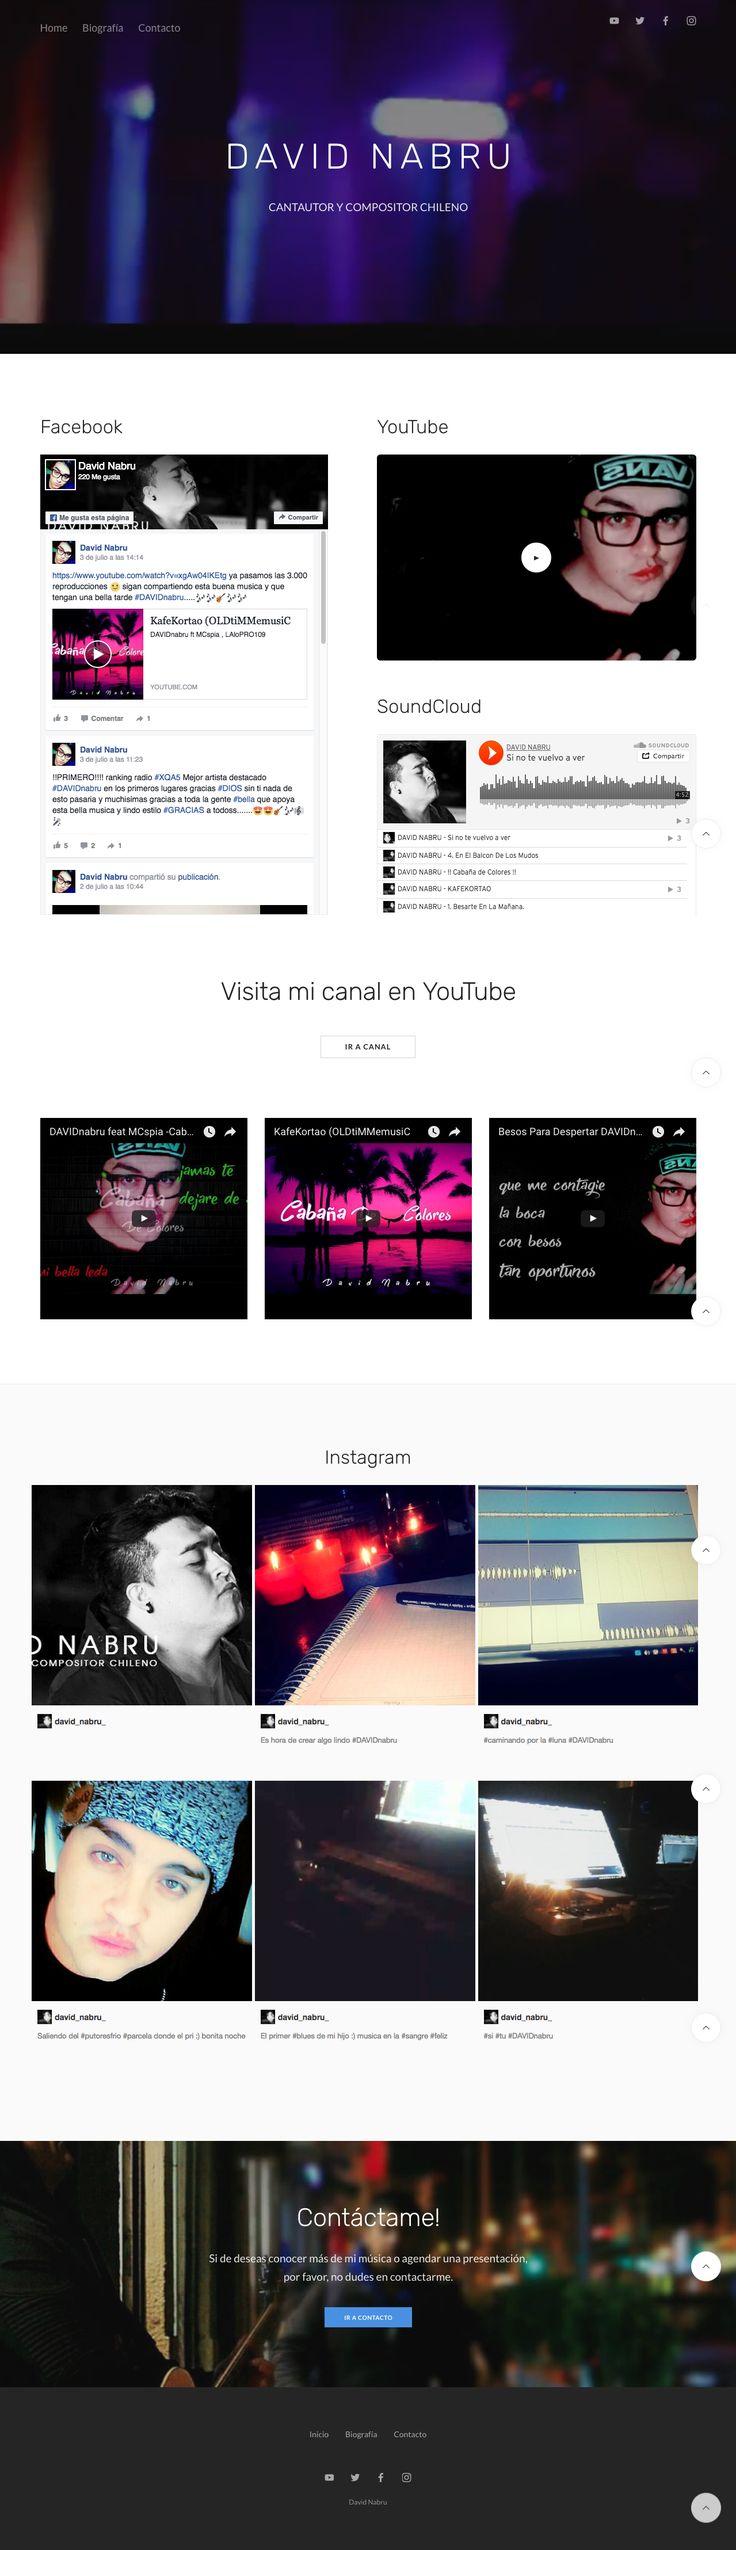 David Nabru // Cantautor y Compositor Chileno